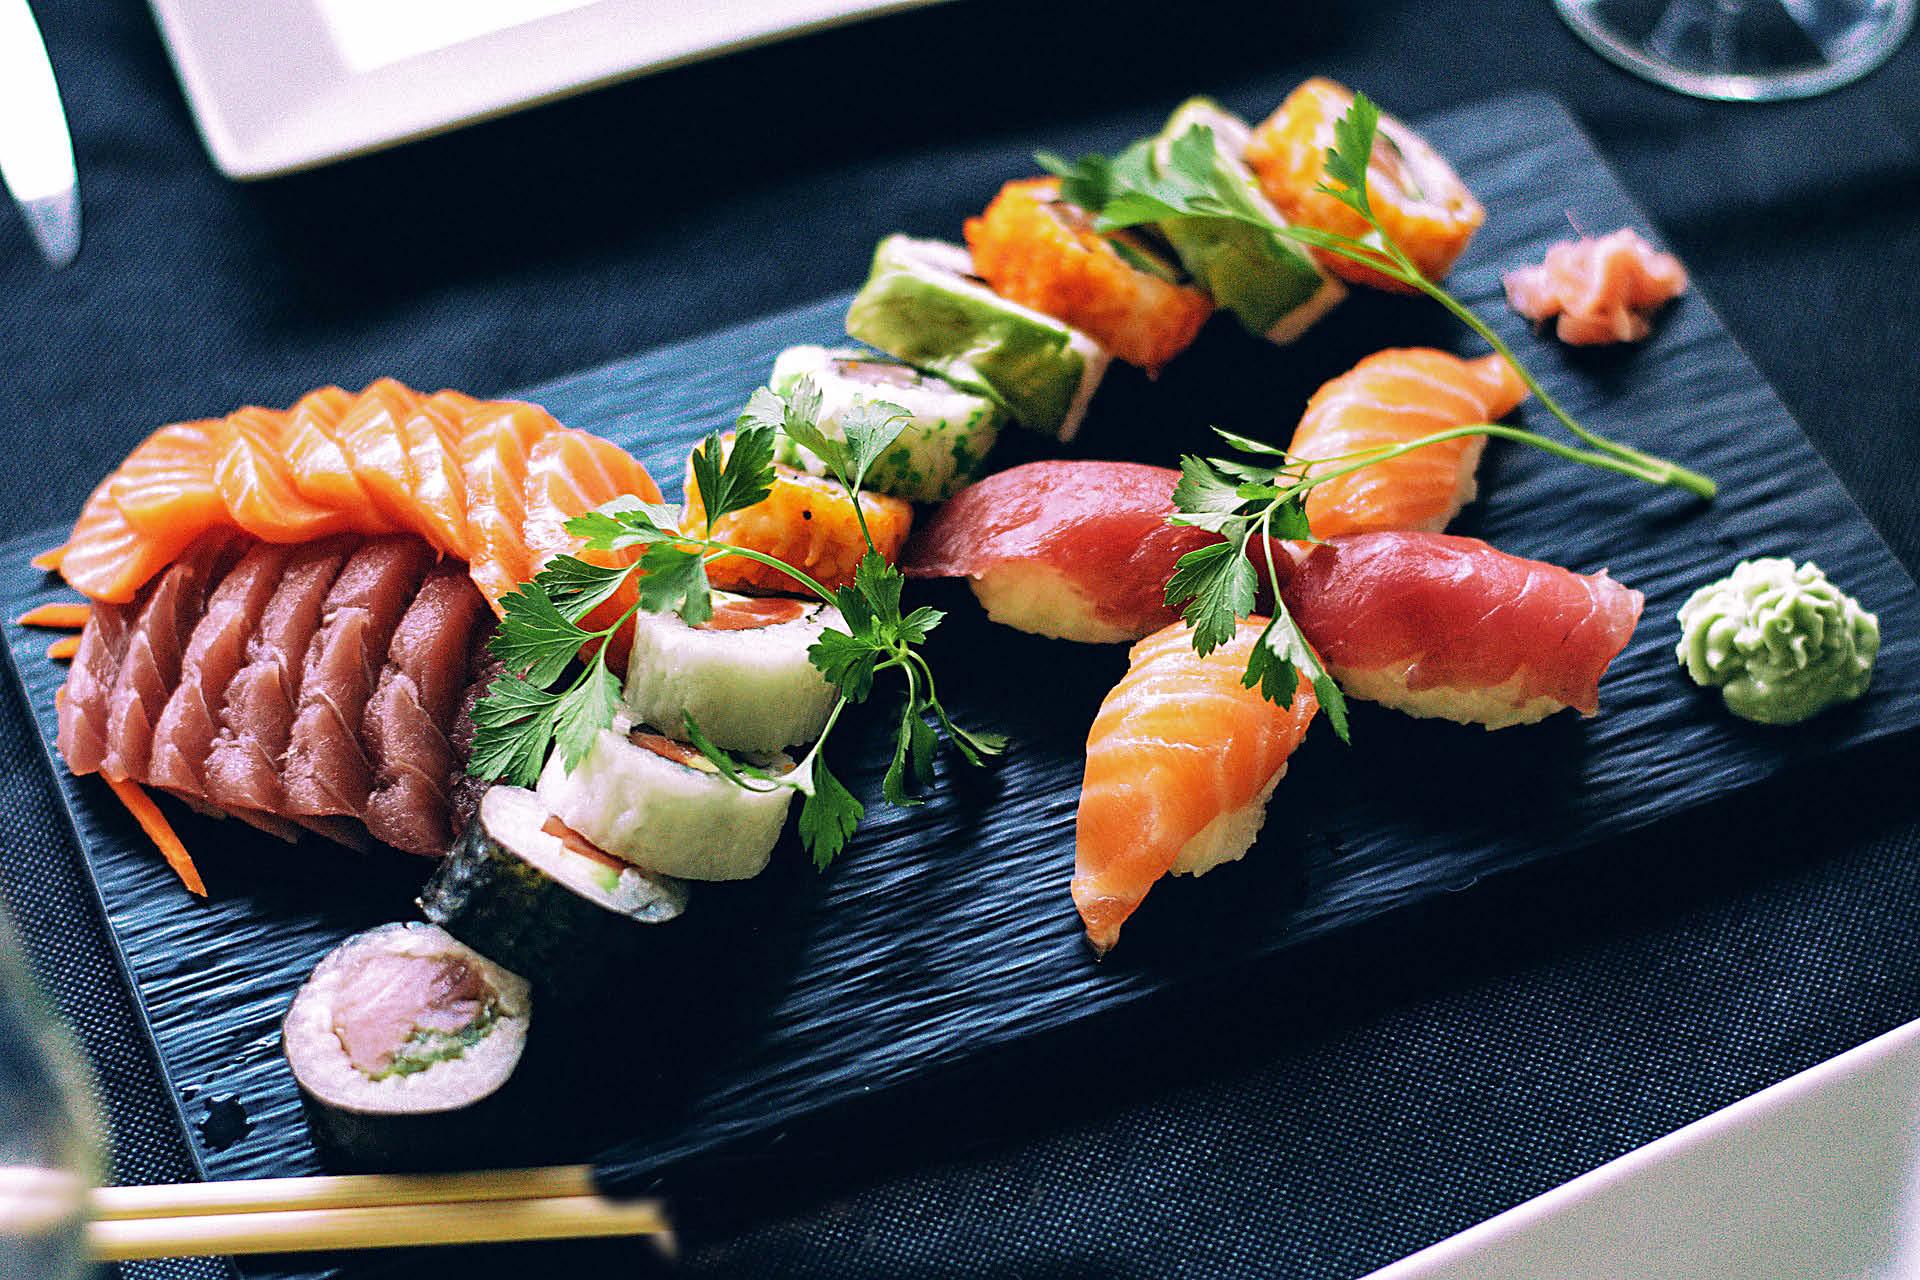 Emmanuel Pahud freut sich auf die japanische Küche